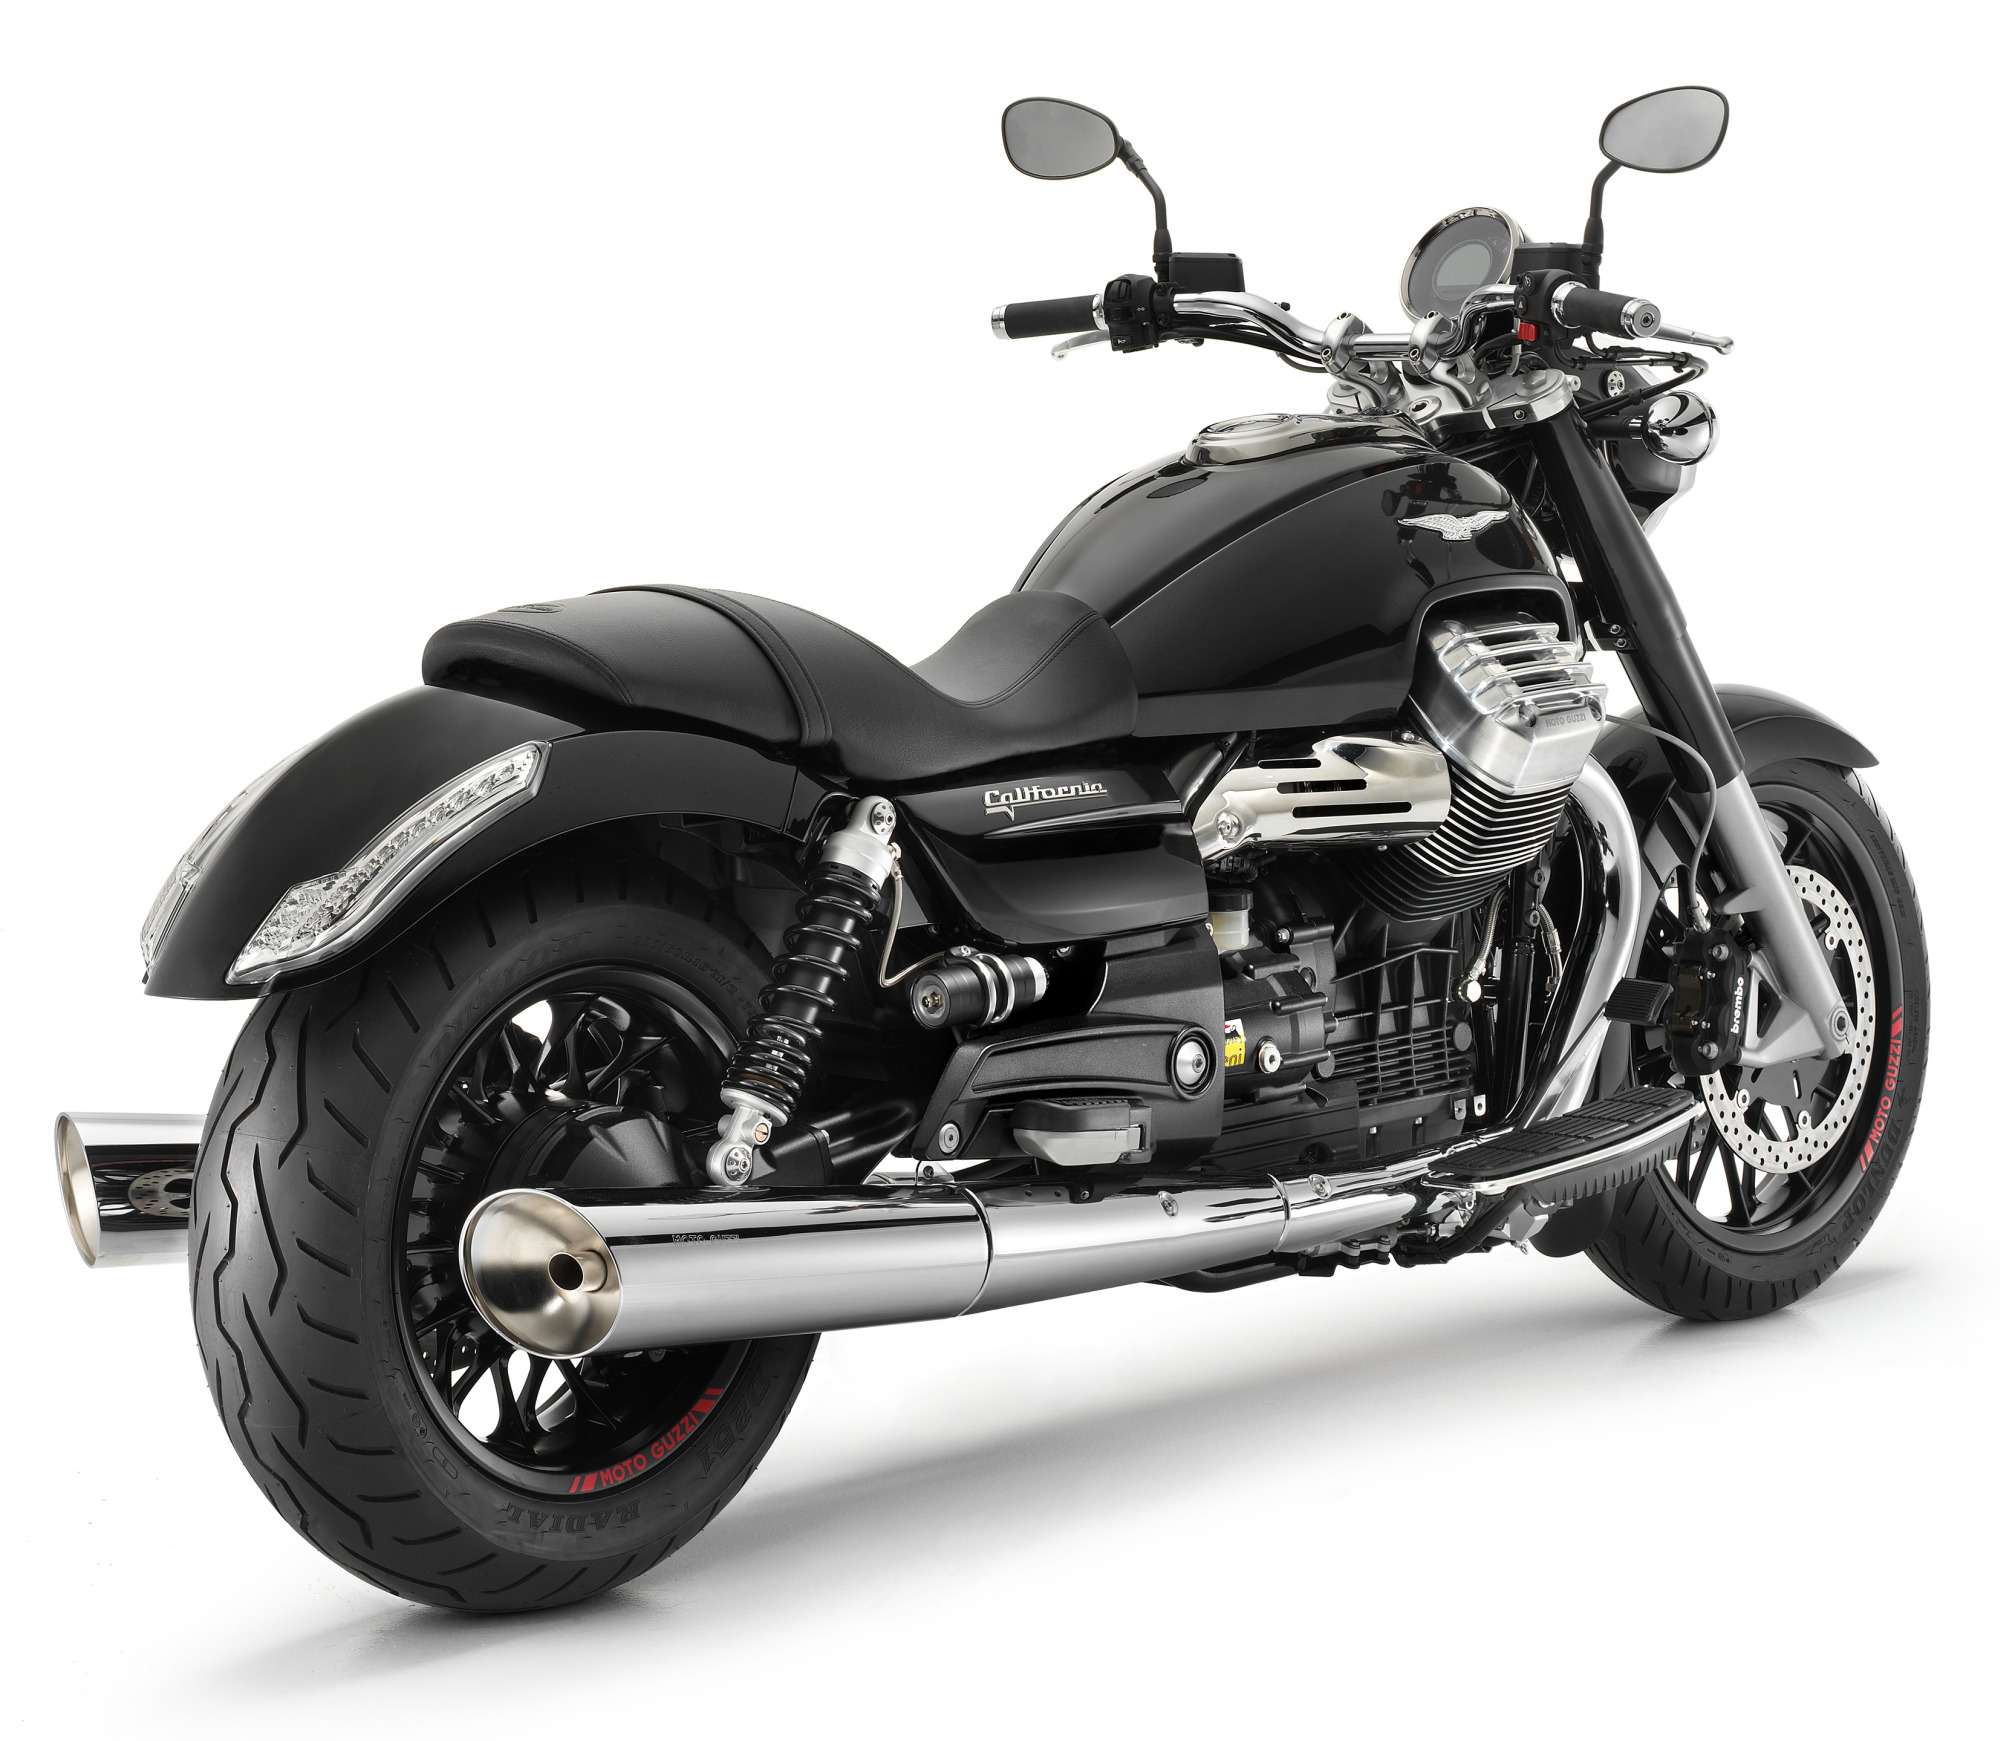 gebrauchte und neue moto guzzi california 1400 custom motorr der kaufen. Black Bedroom Furniture Sets. Home Design Ideas